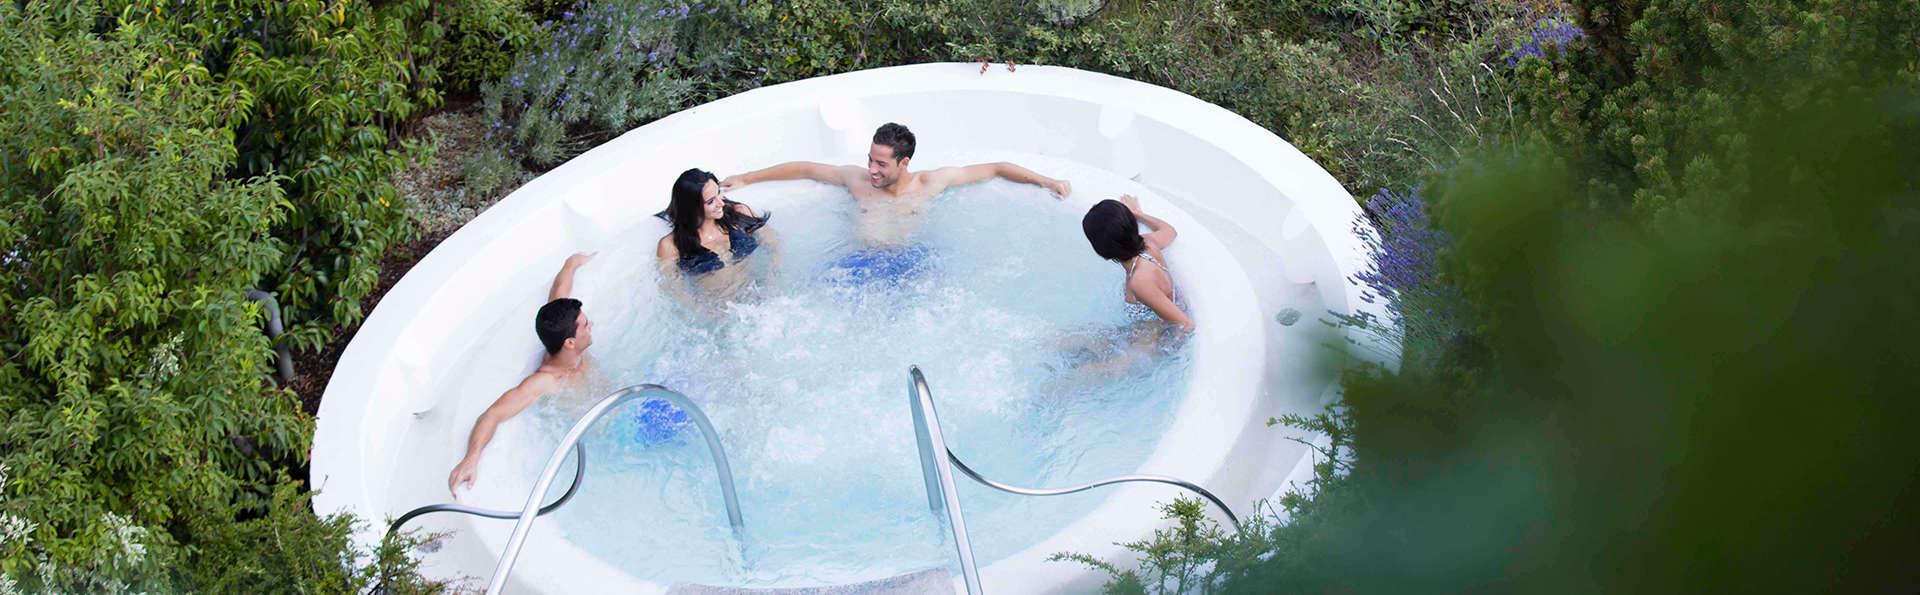 Escapade double relax à Escaldes:spa privatif á l'hotel et accès à Caldea (à partir de 2 nuits)